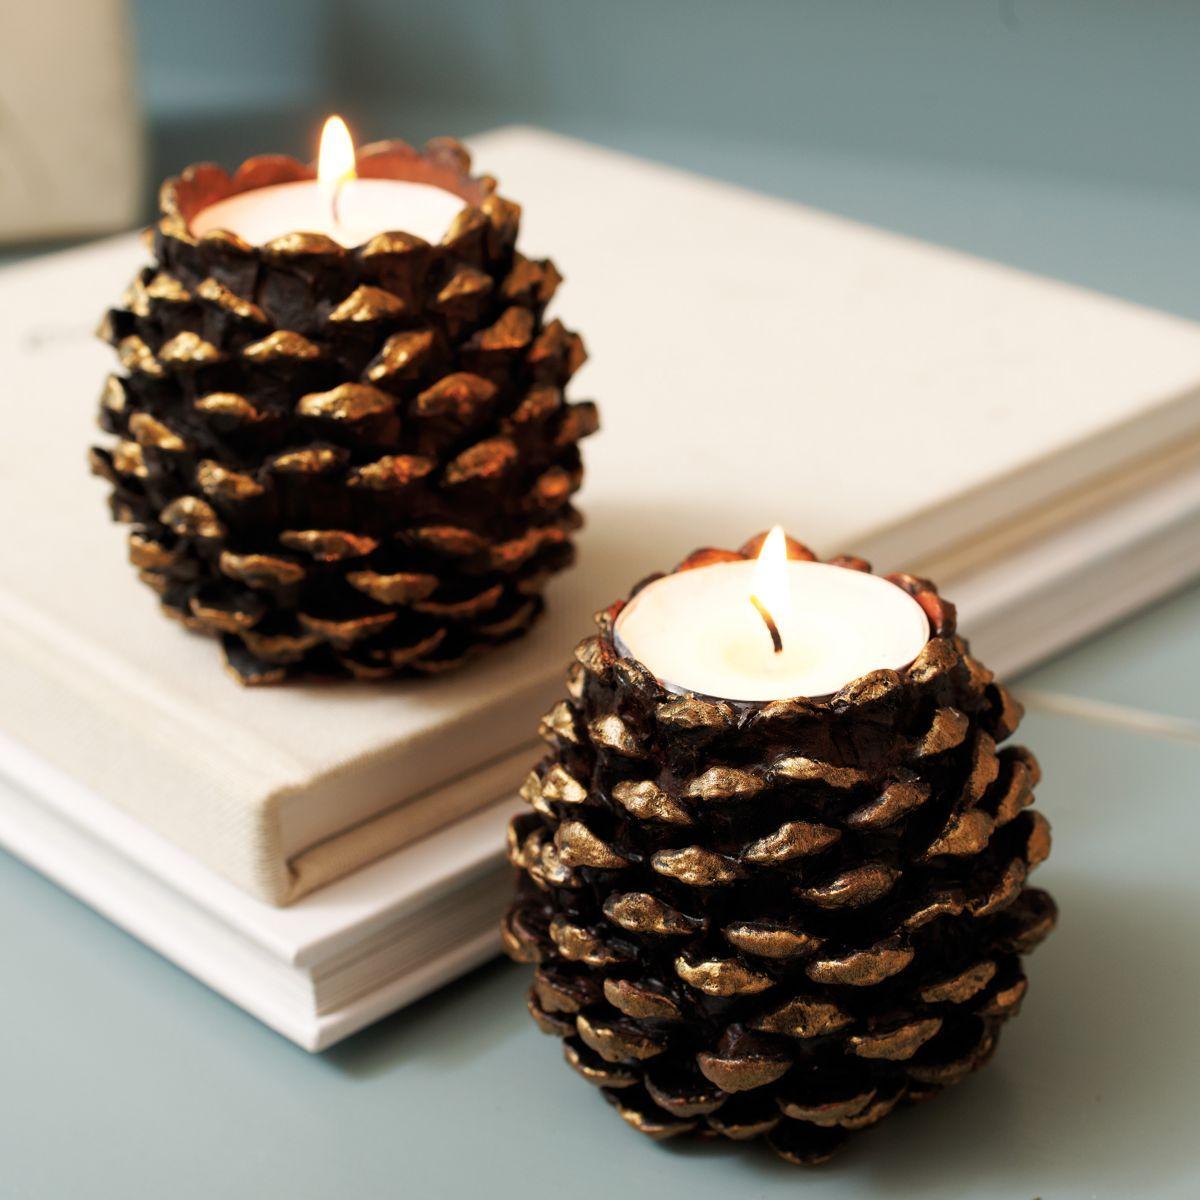 des pommes de pin transformées en bougeoir, sympa pour une déco de